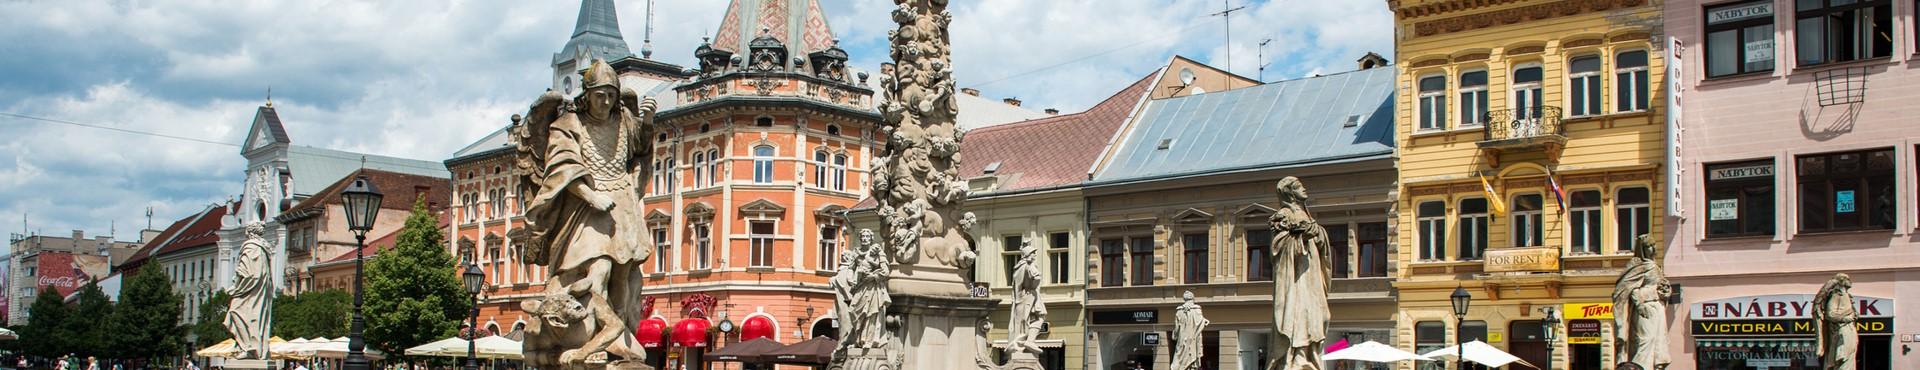 סלובקיה עם סביב העולם - נופים, תרבות, מכמני טבע והיסטוריה